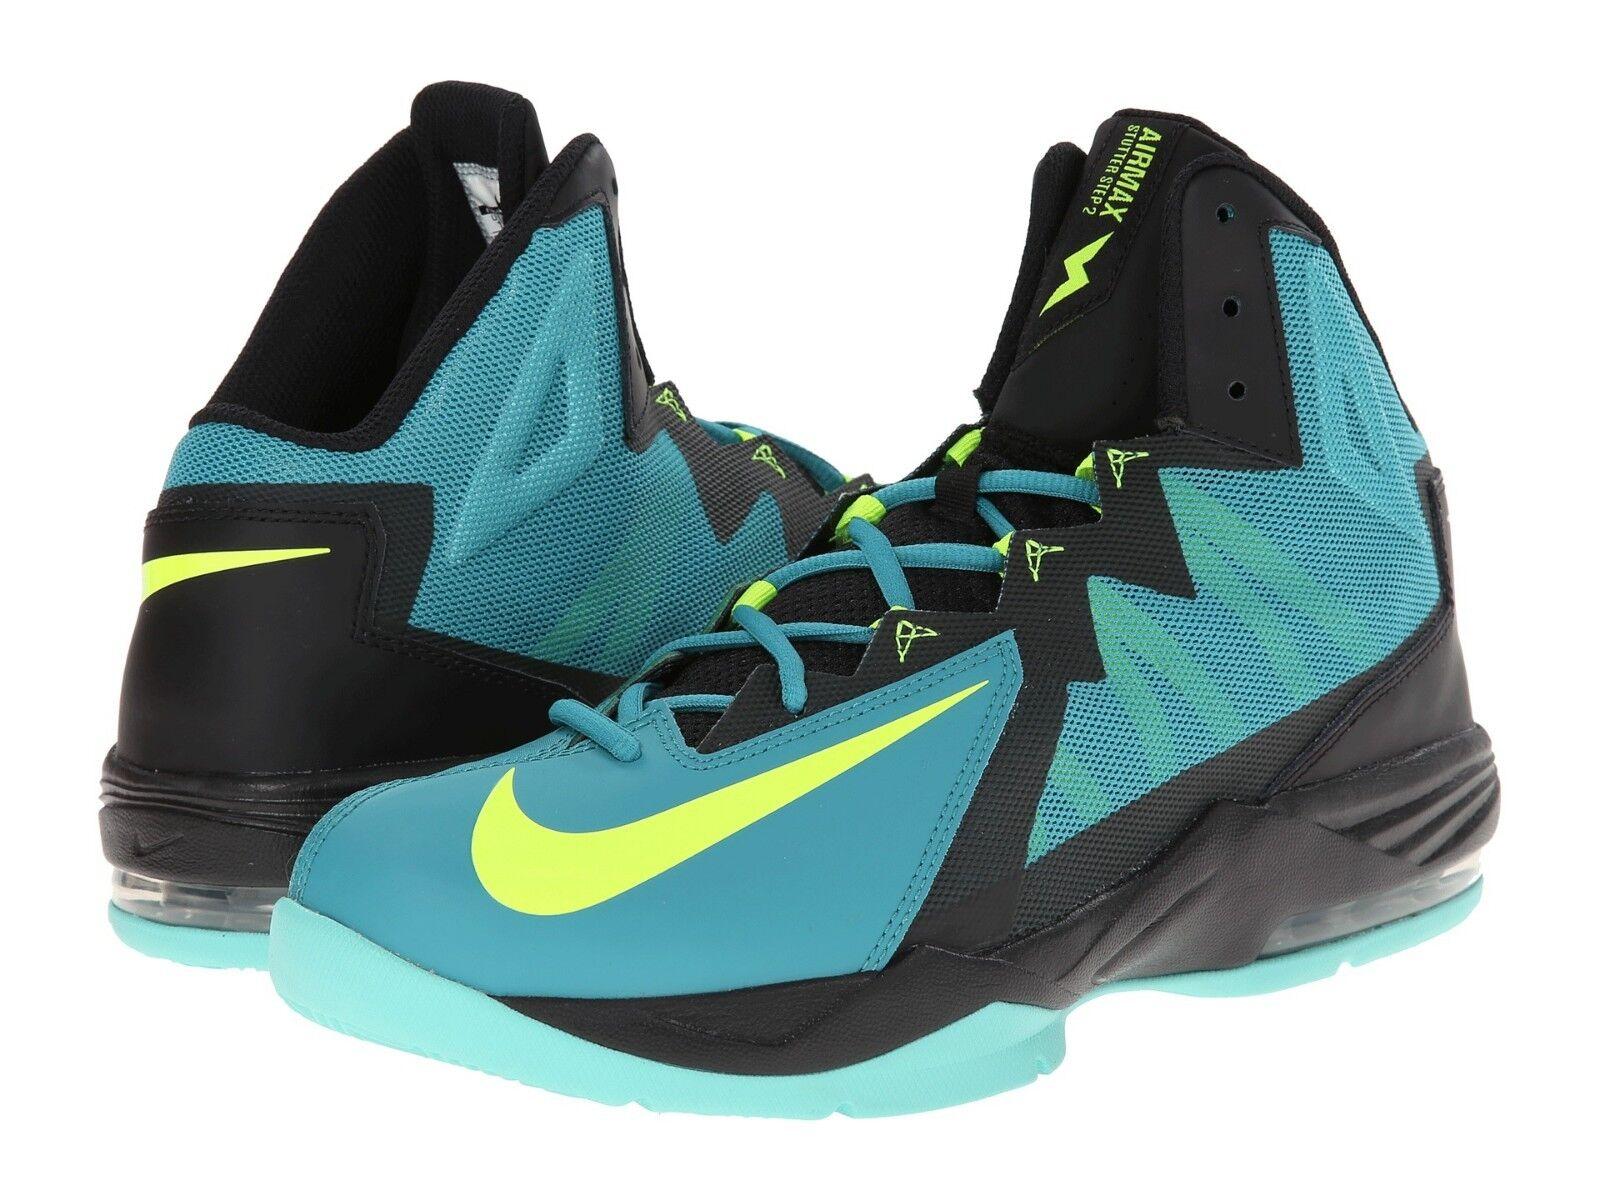 Nike Basketball Air Catalina/Volt/Black Max Stutter Step2 Sneakers Catalina/Volt/Black Air Mens Size 11 696485